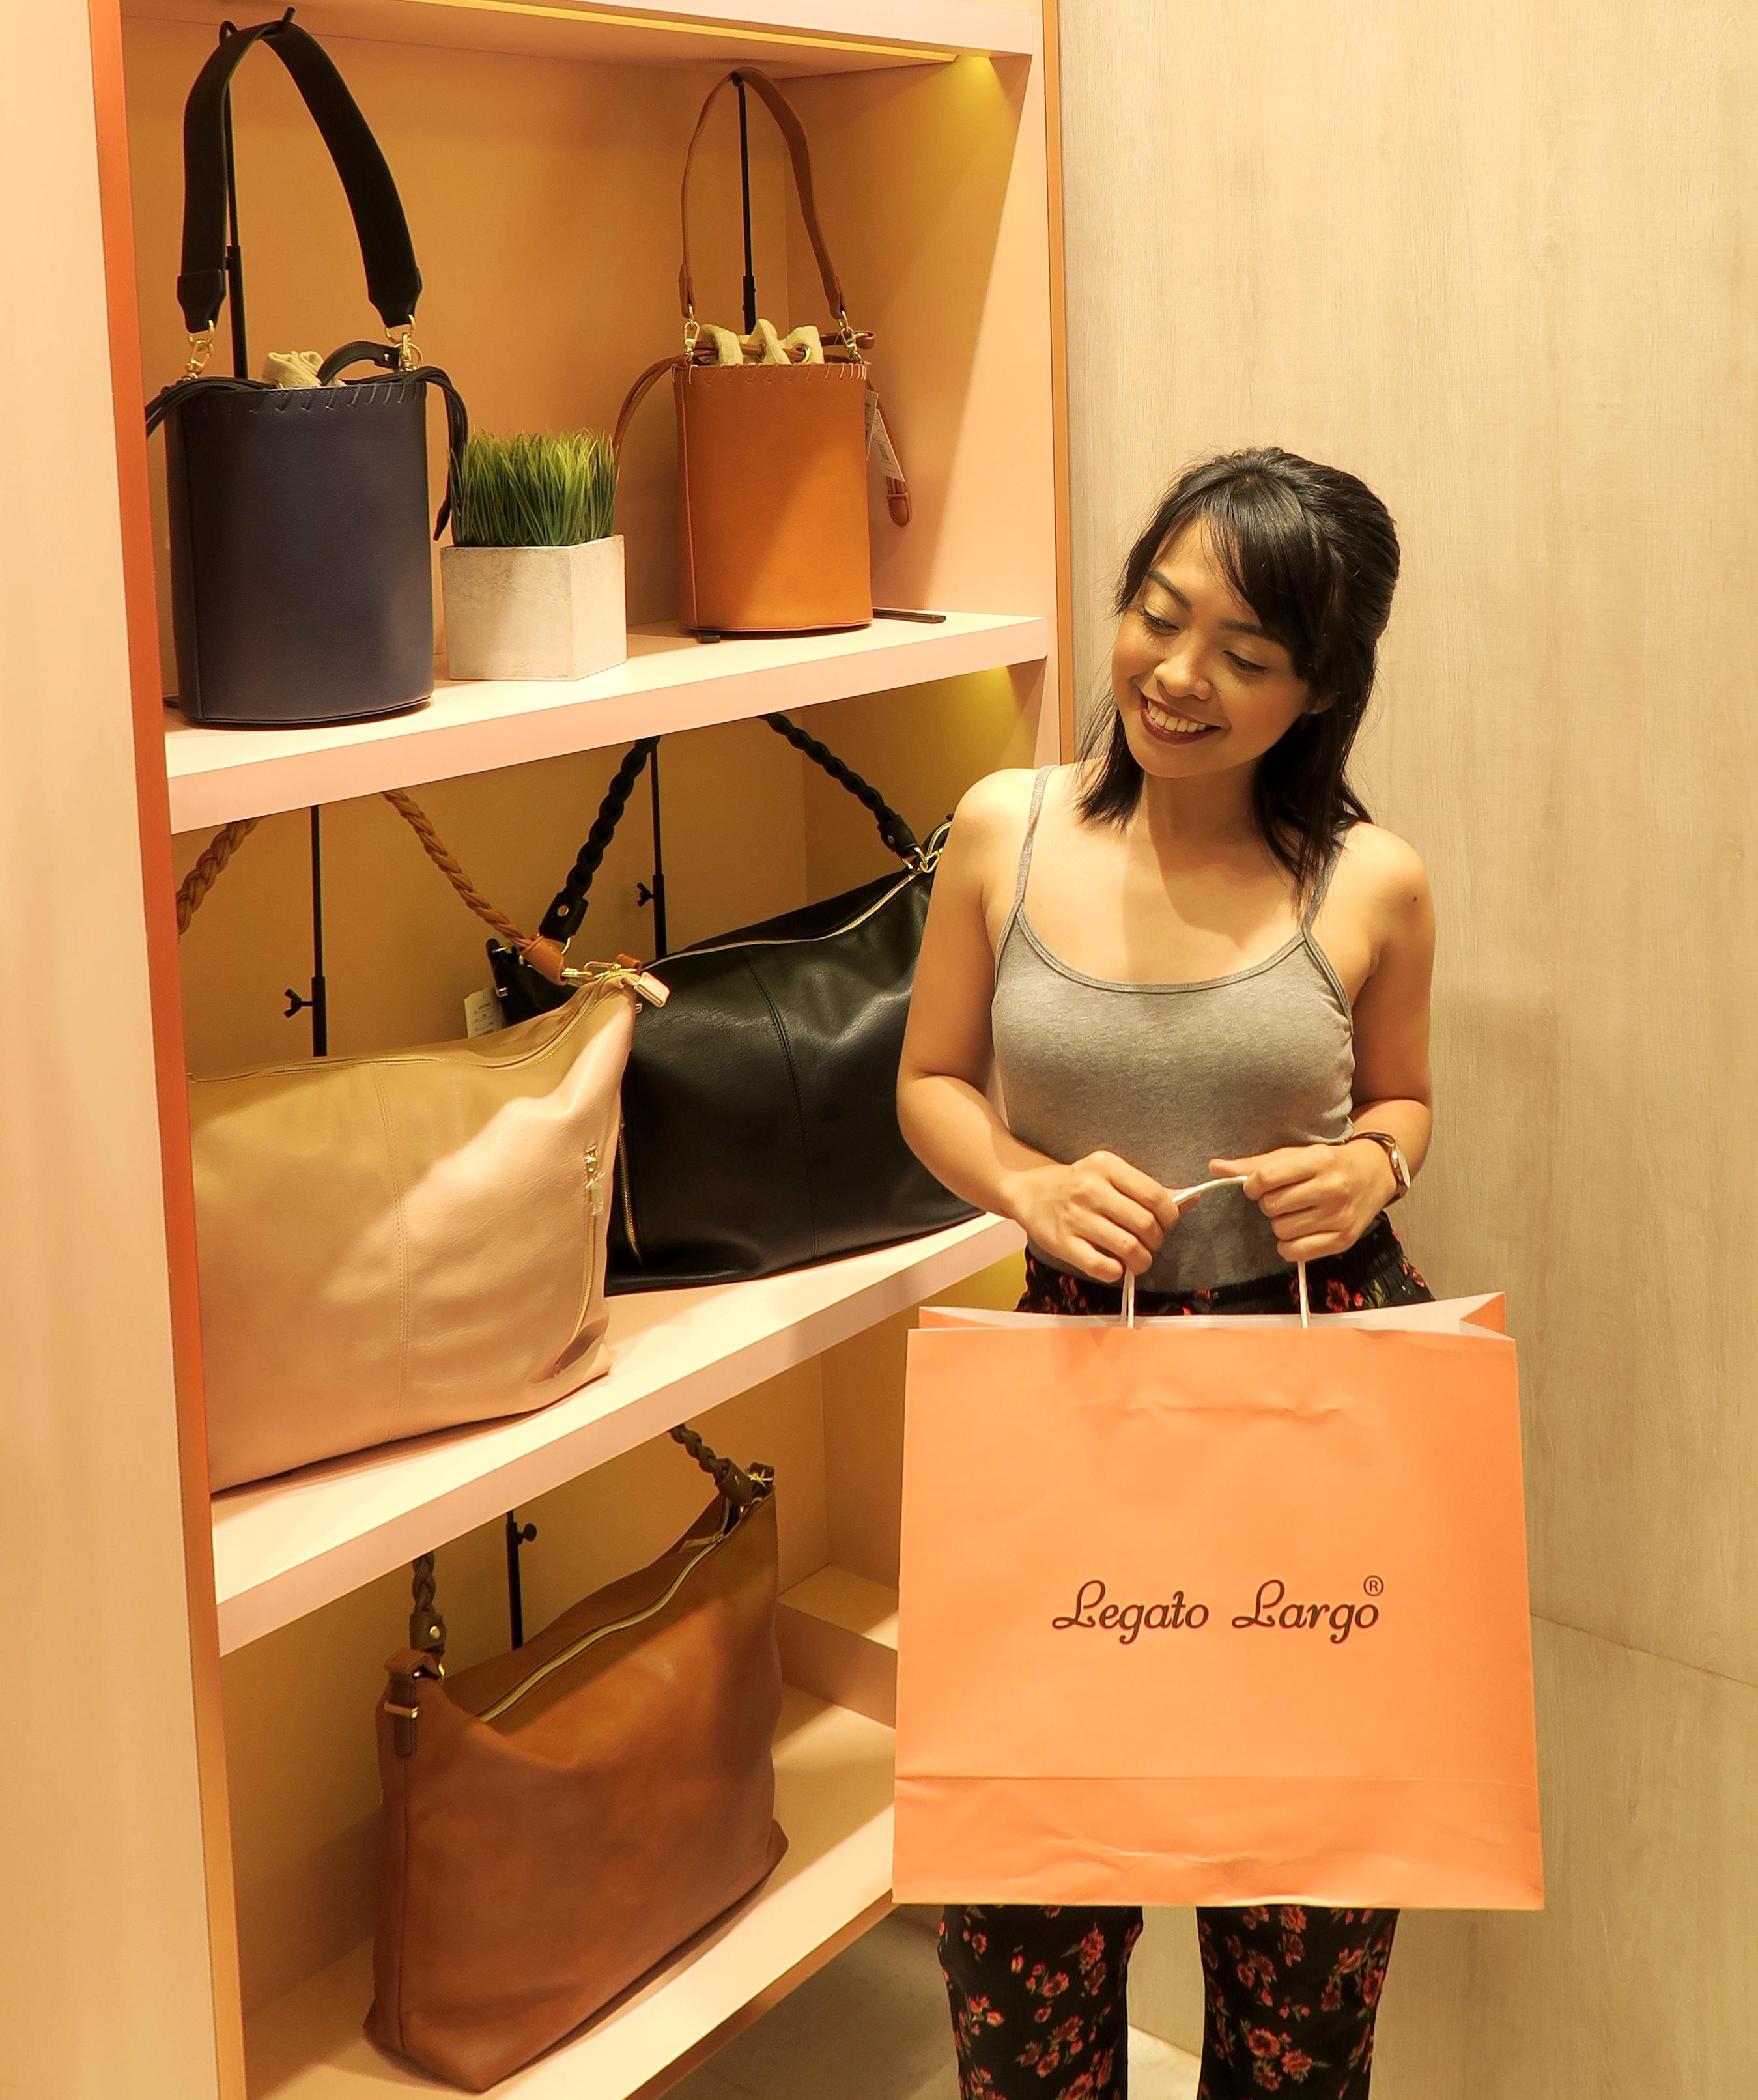 11 Legato Largo Philippines - Gen-zel She Sings Beauty